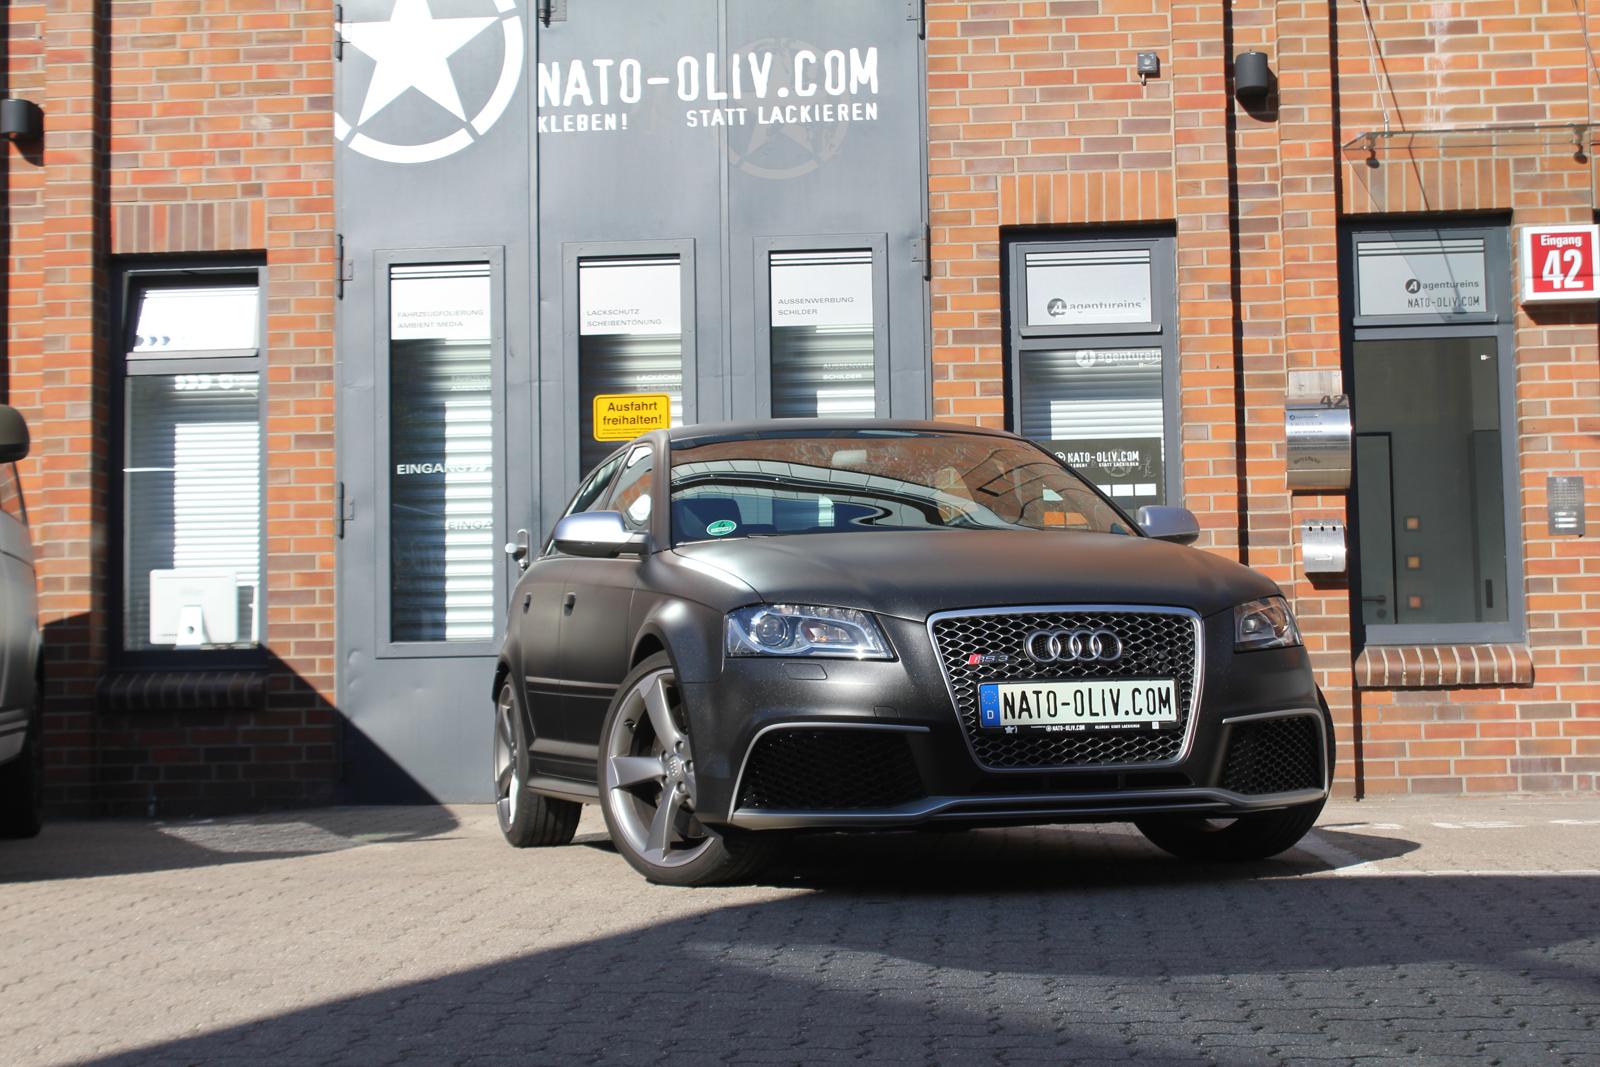 Frontalansicht des Audi RS3 mit Folie in Midnightblack metallic matt beklebt